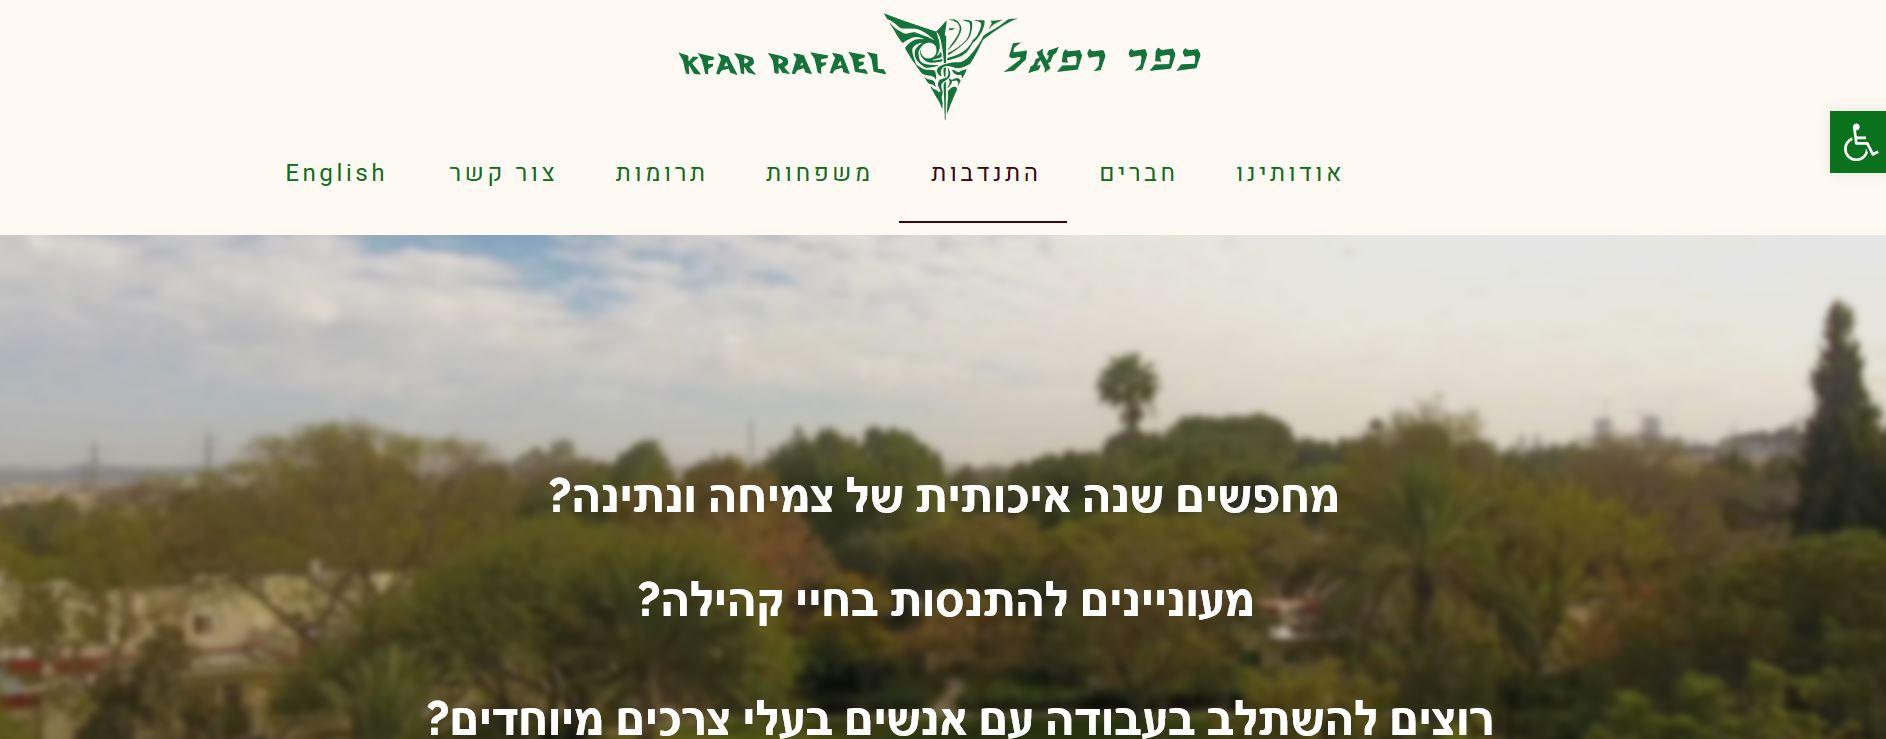 כפר רפאל בעברית לוגו ממורכז.JPG